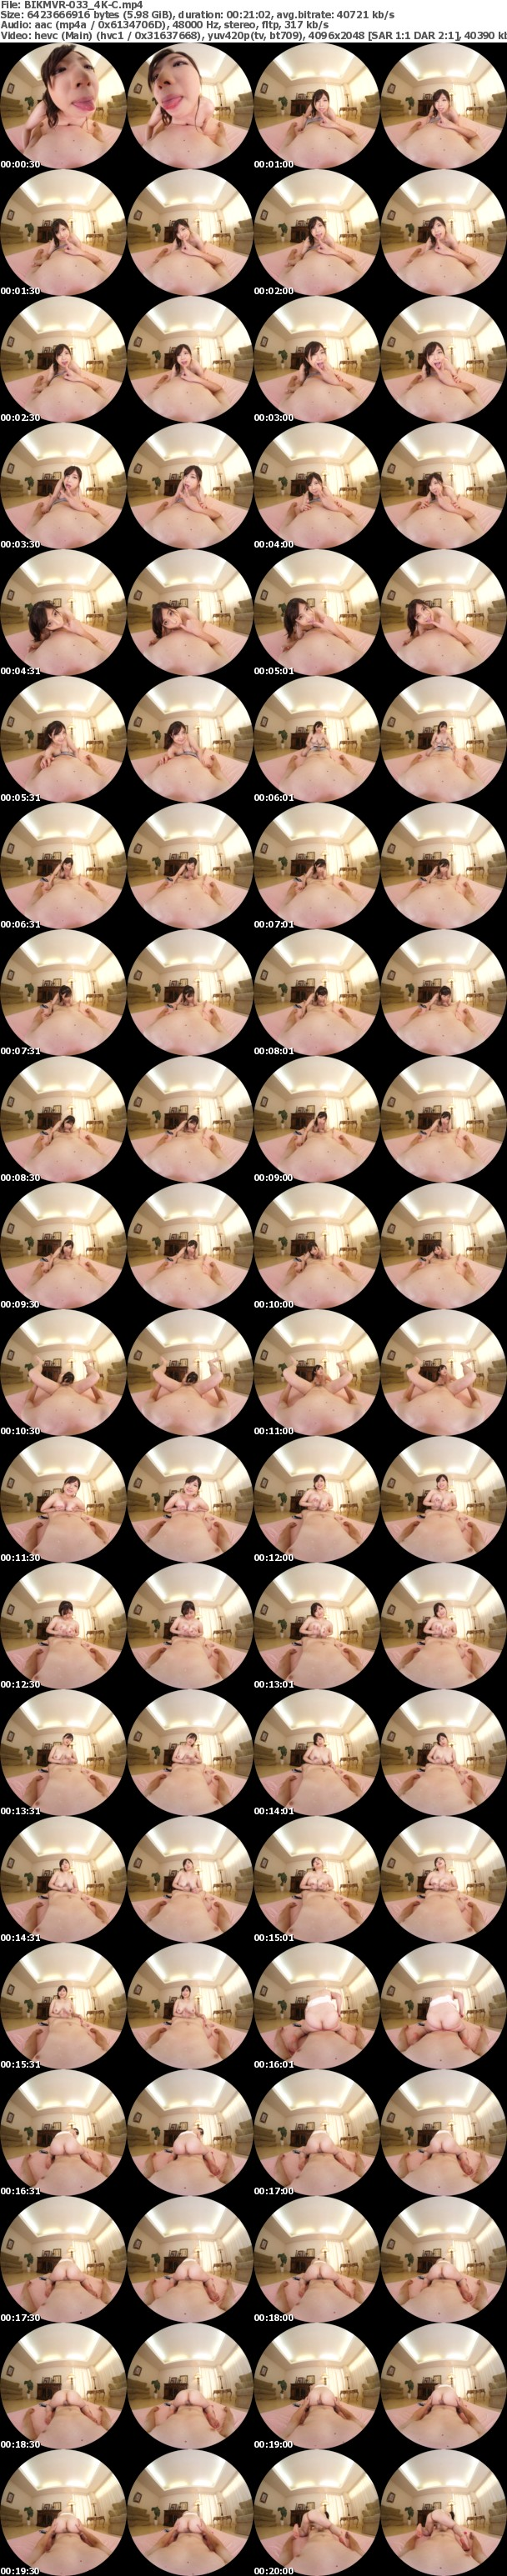 VR/3D BIKMVR-033 【4K匠】汁っ汗だく!! 涎! 唾液! 愛液! 生中出し汁!! 汁セックス!! 中村知恵